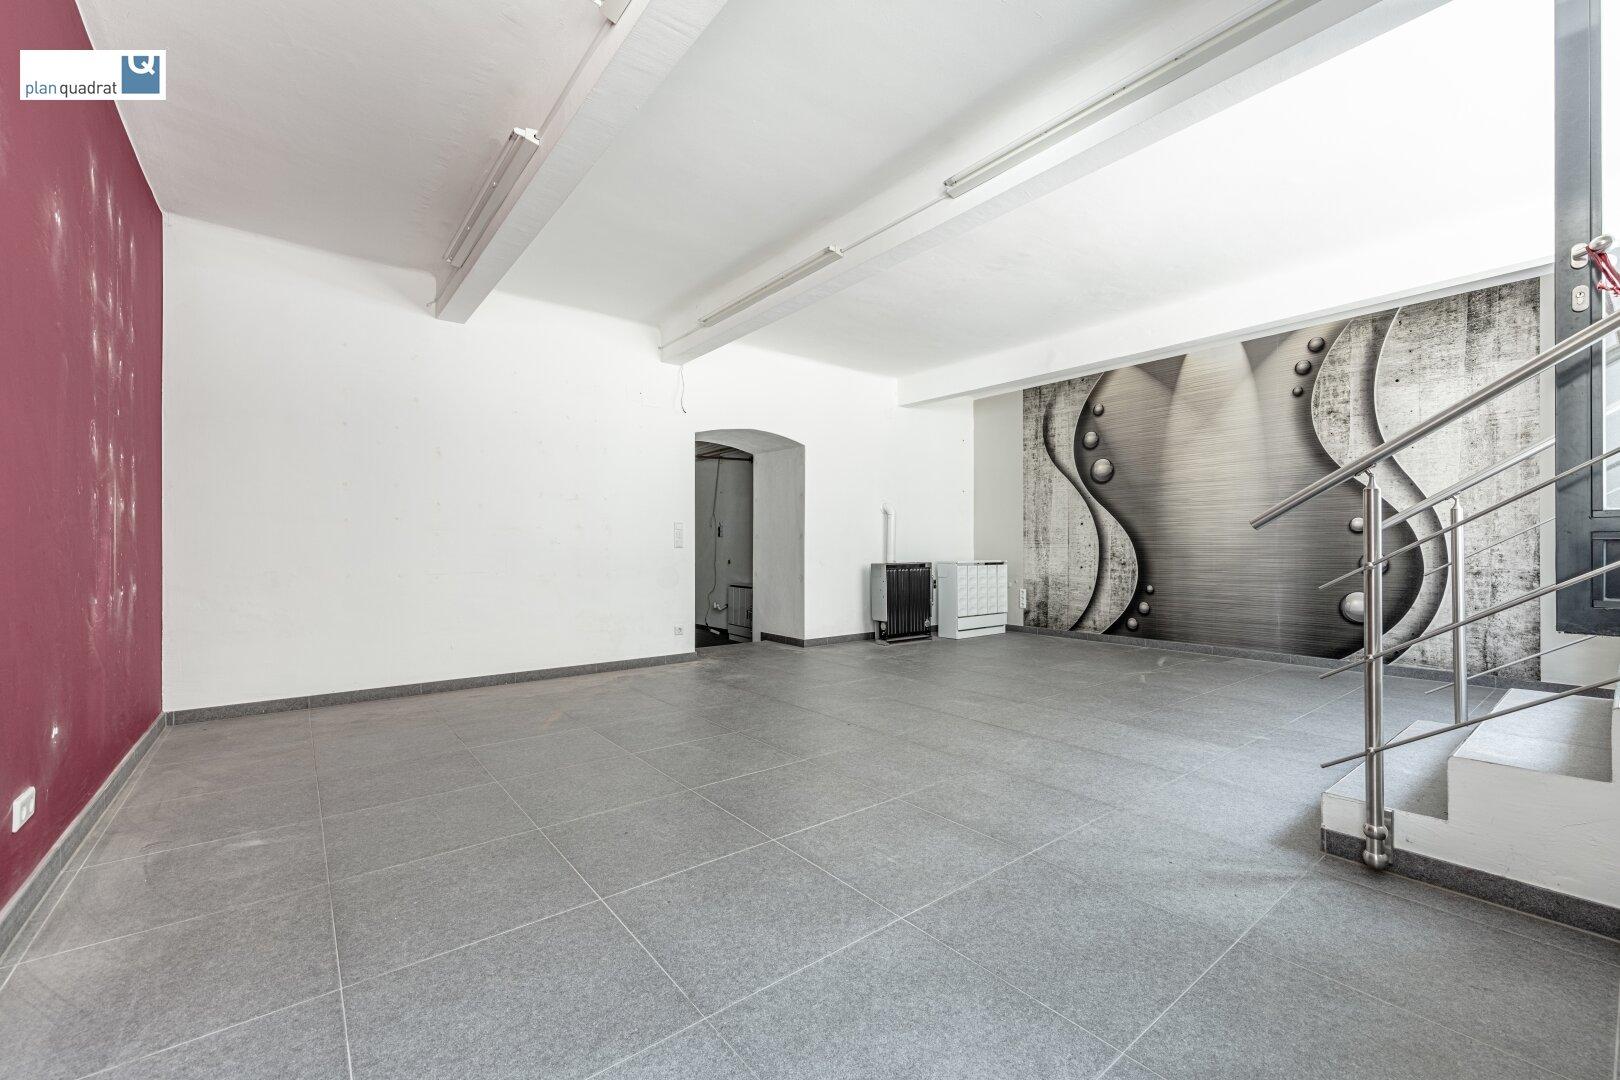 Haupt-Verkaufsraum (ca. 40,04 m²) - ausgerichtet gen Lange Gasse